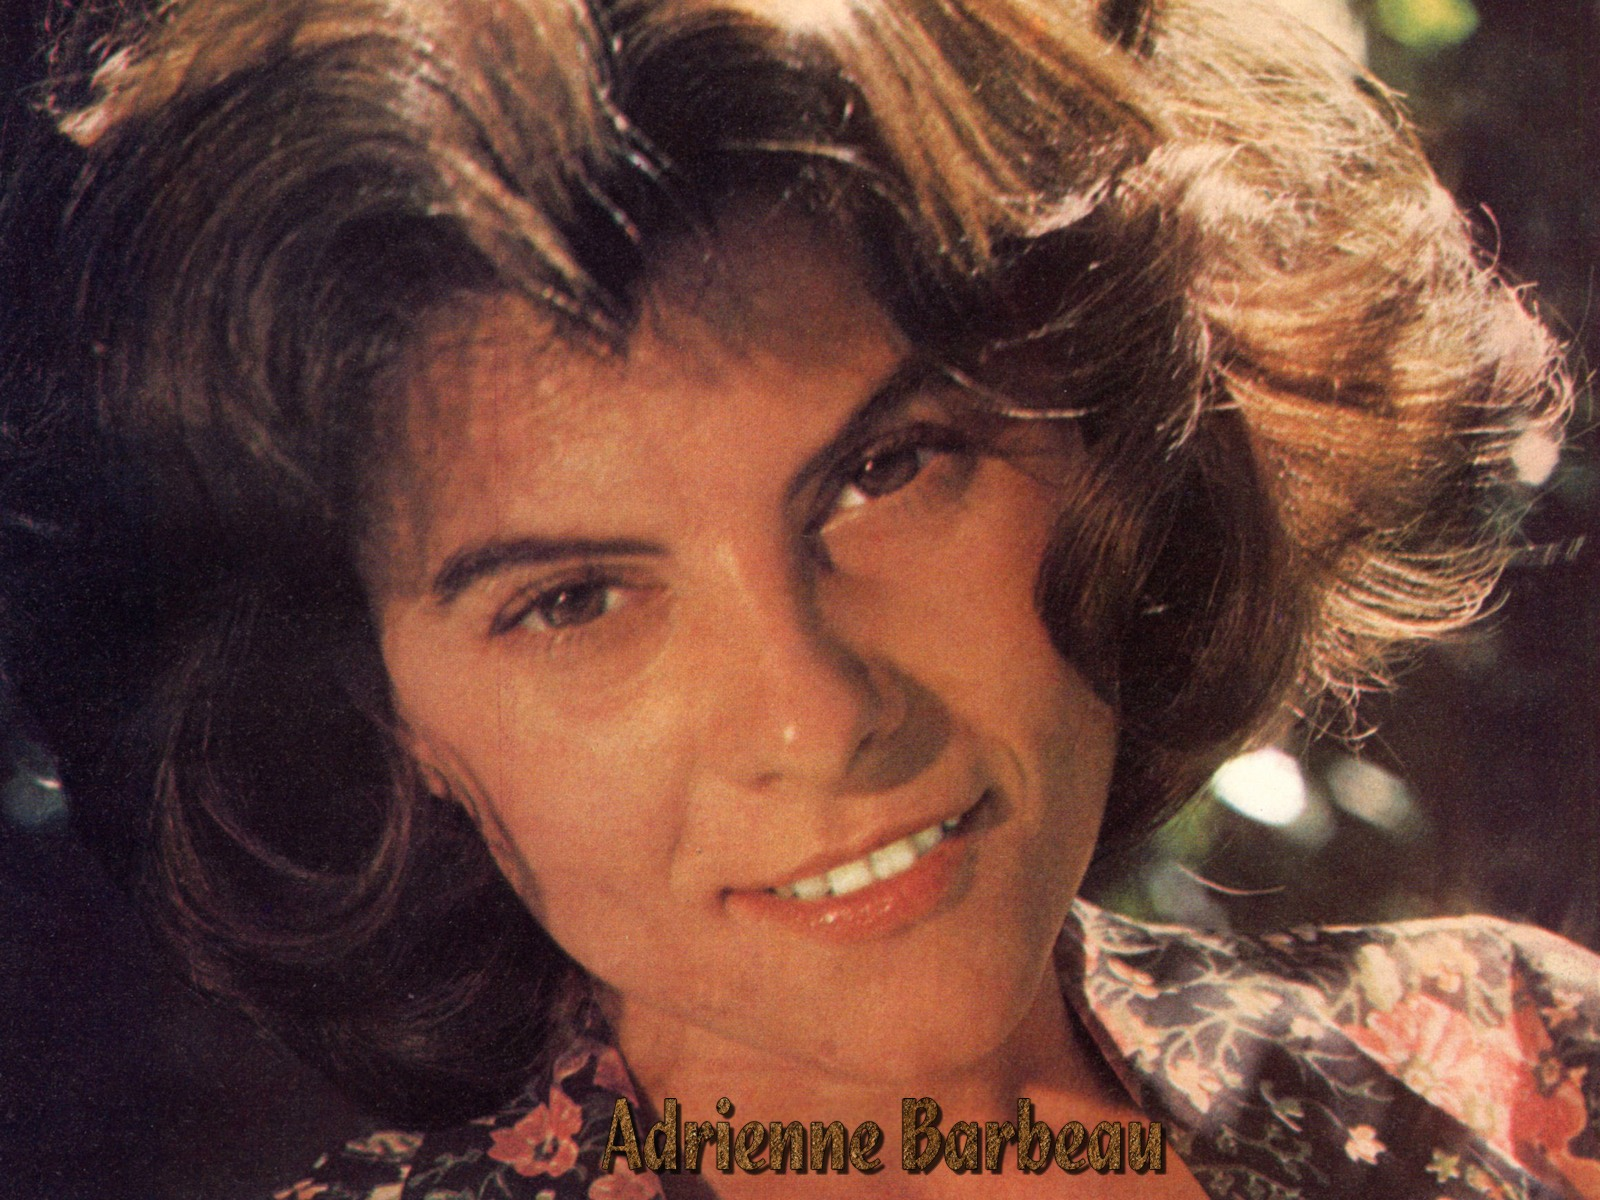 http://3.bp.blogspot.com/-DkxeaOvC6oc/T3gha5tJEVI/AAAAAAADzbo/A1FlidRi19A/s1600/Adrienne%2BBarbeau%2BWallpaper%2B02.jpg